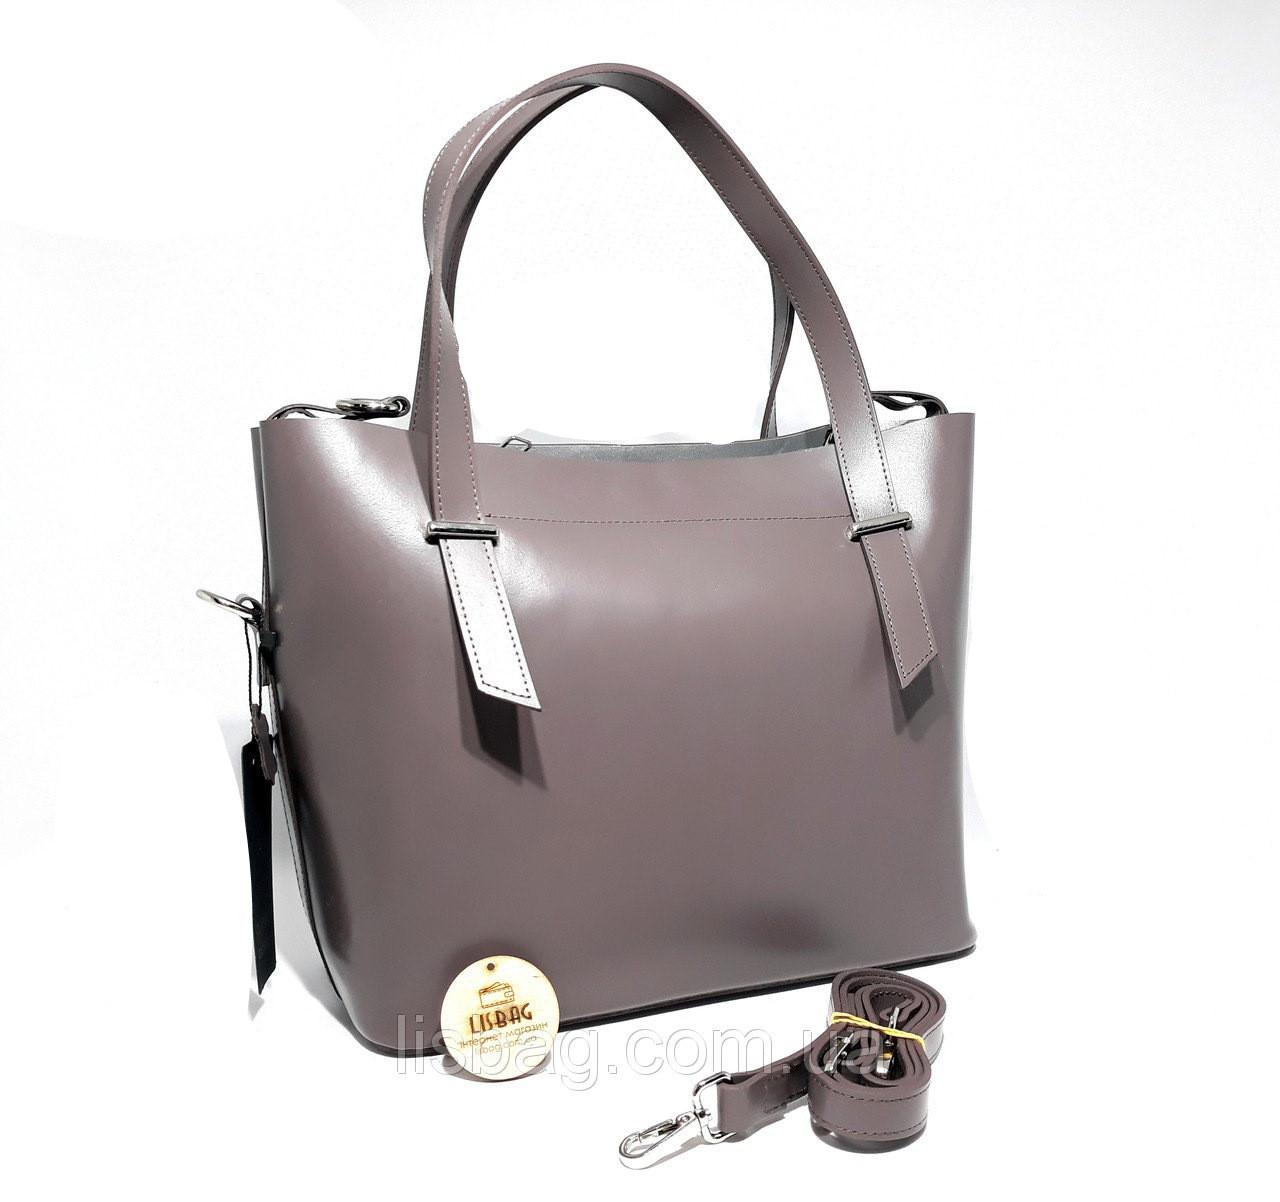 ca9710524f9d Женская сумка из натуральной кожи (Италии) модель 2018 года Фиолетовая -  Интернет магазин Lisbag